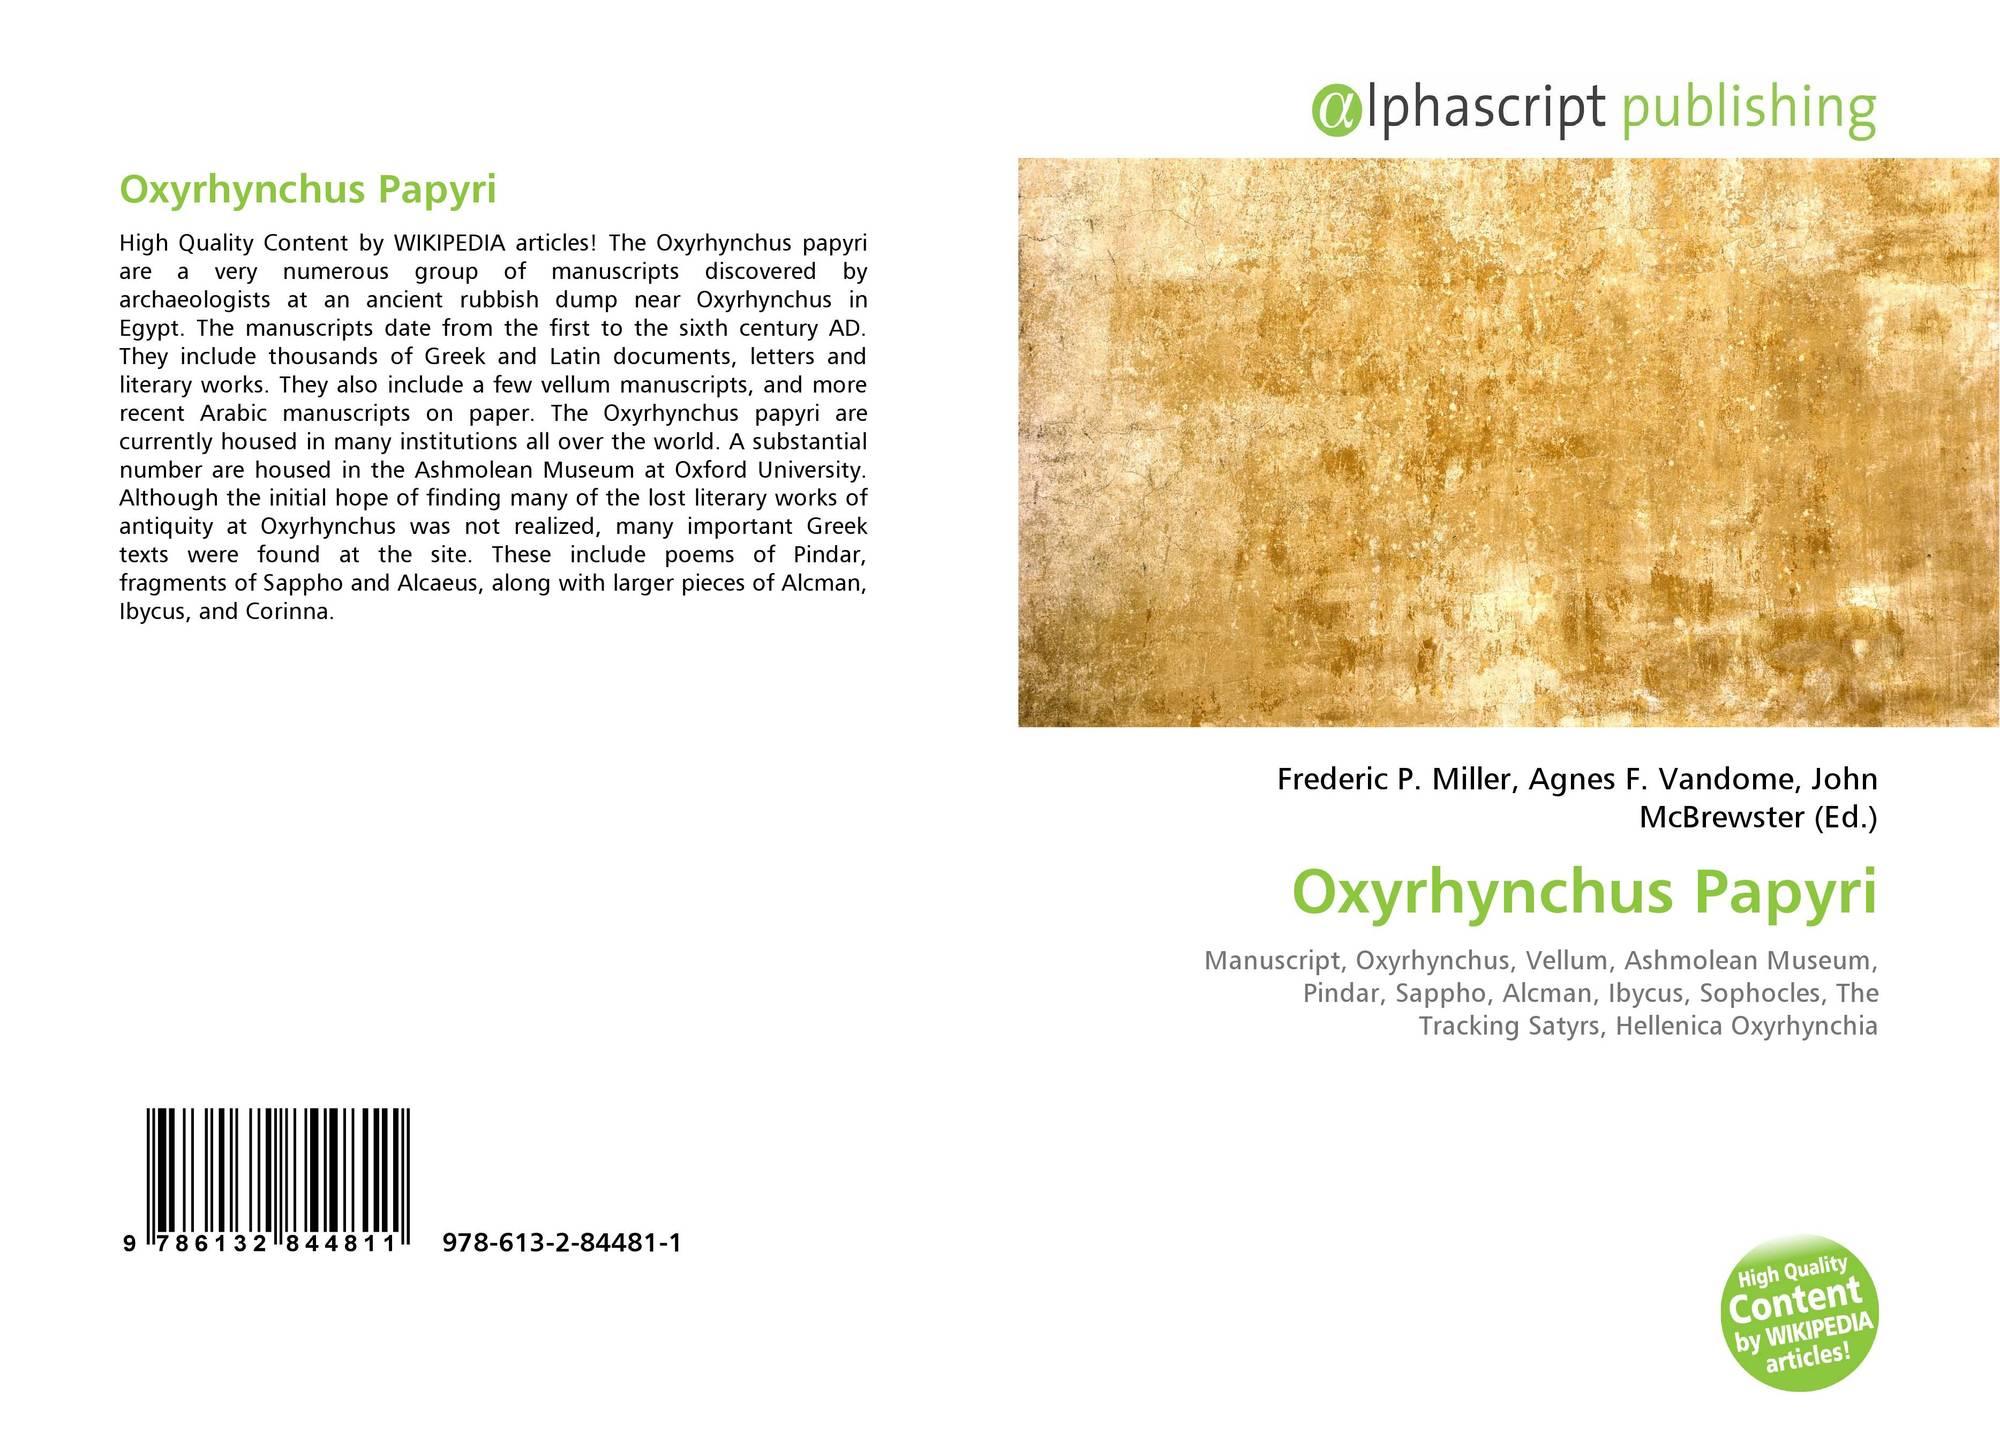 Oxyrhynchus Papyri, 978-613-2-84481-1, 6132844813 ,9786132844811